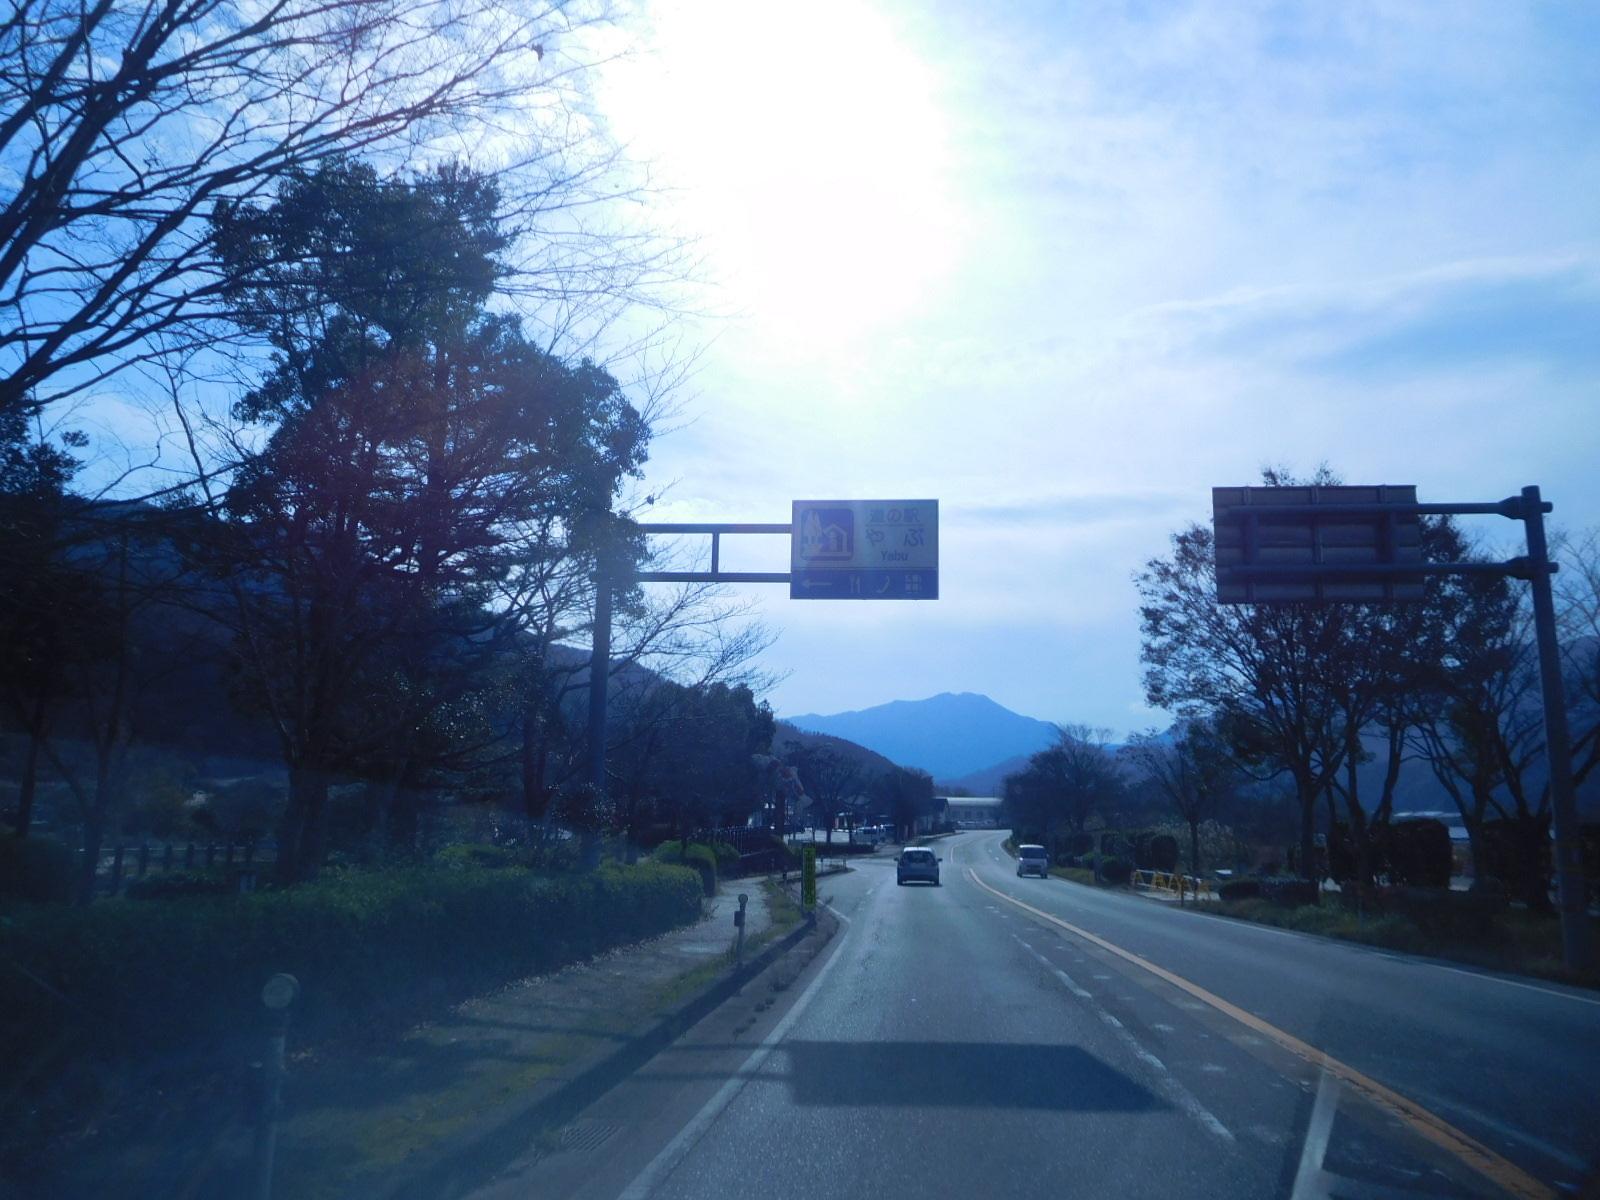 DSCN7856.jpg